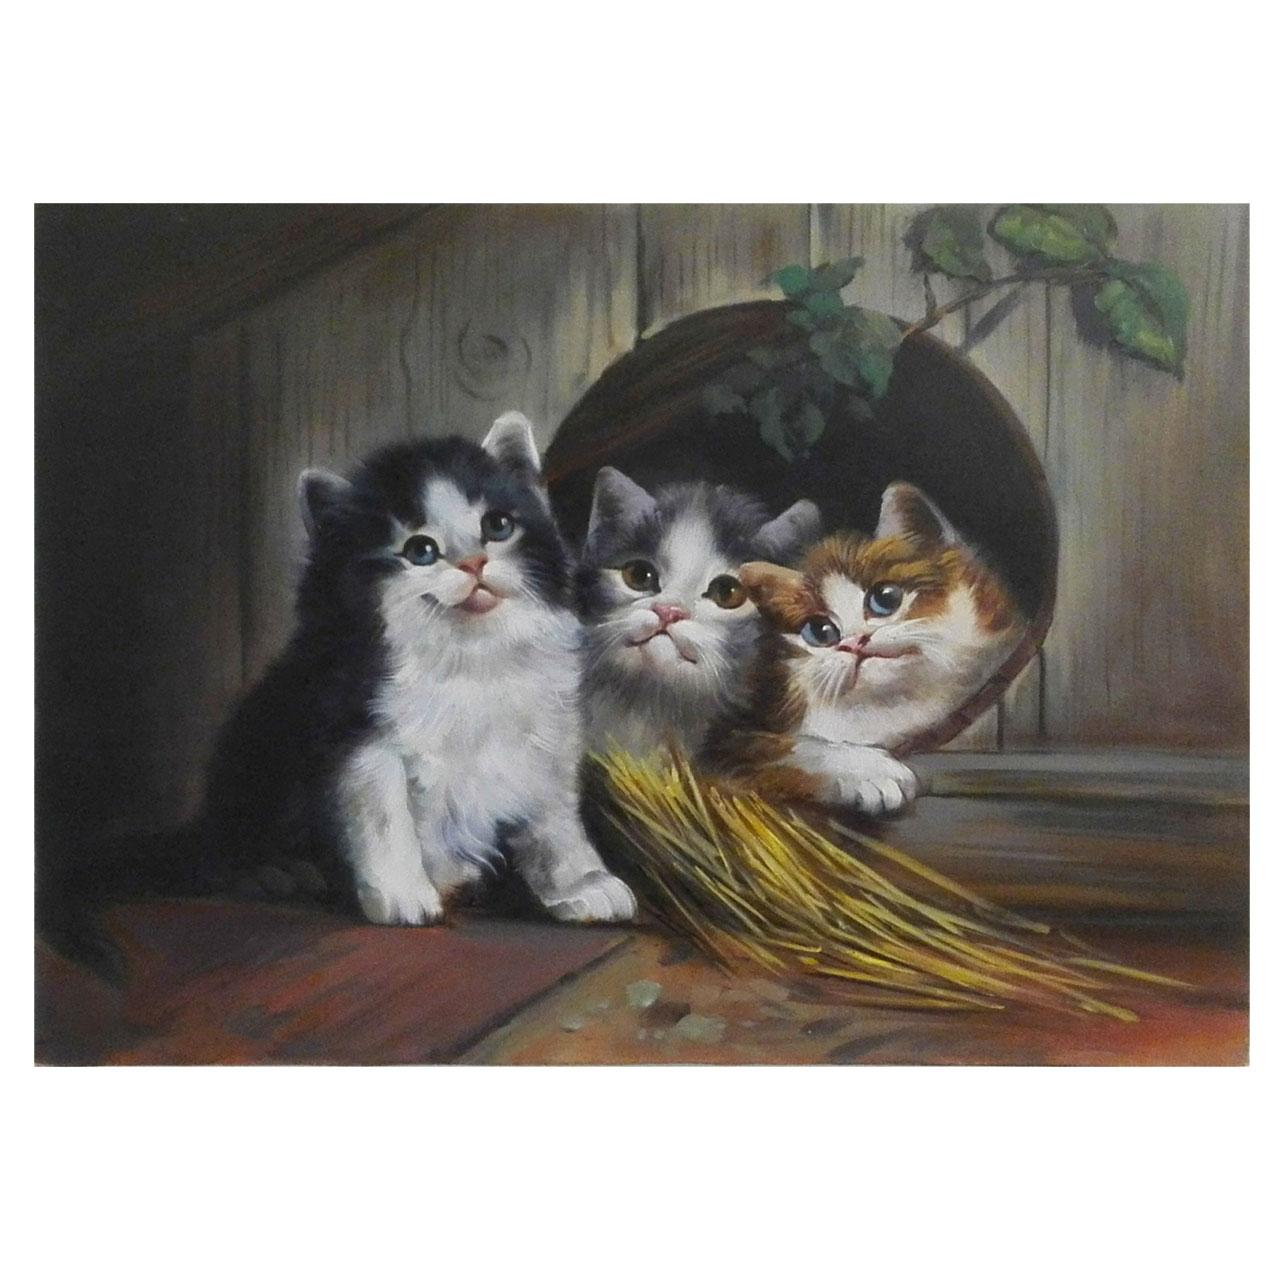 تابلو نقاشی رنگ روغن طرح بچه گربه مدل 3001